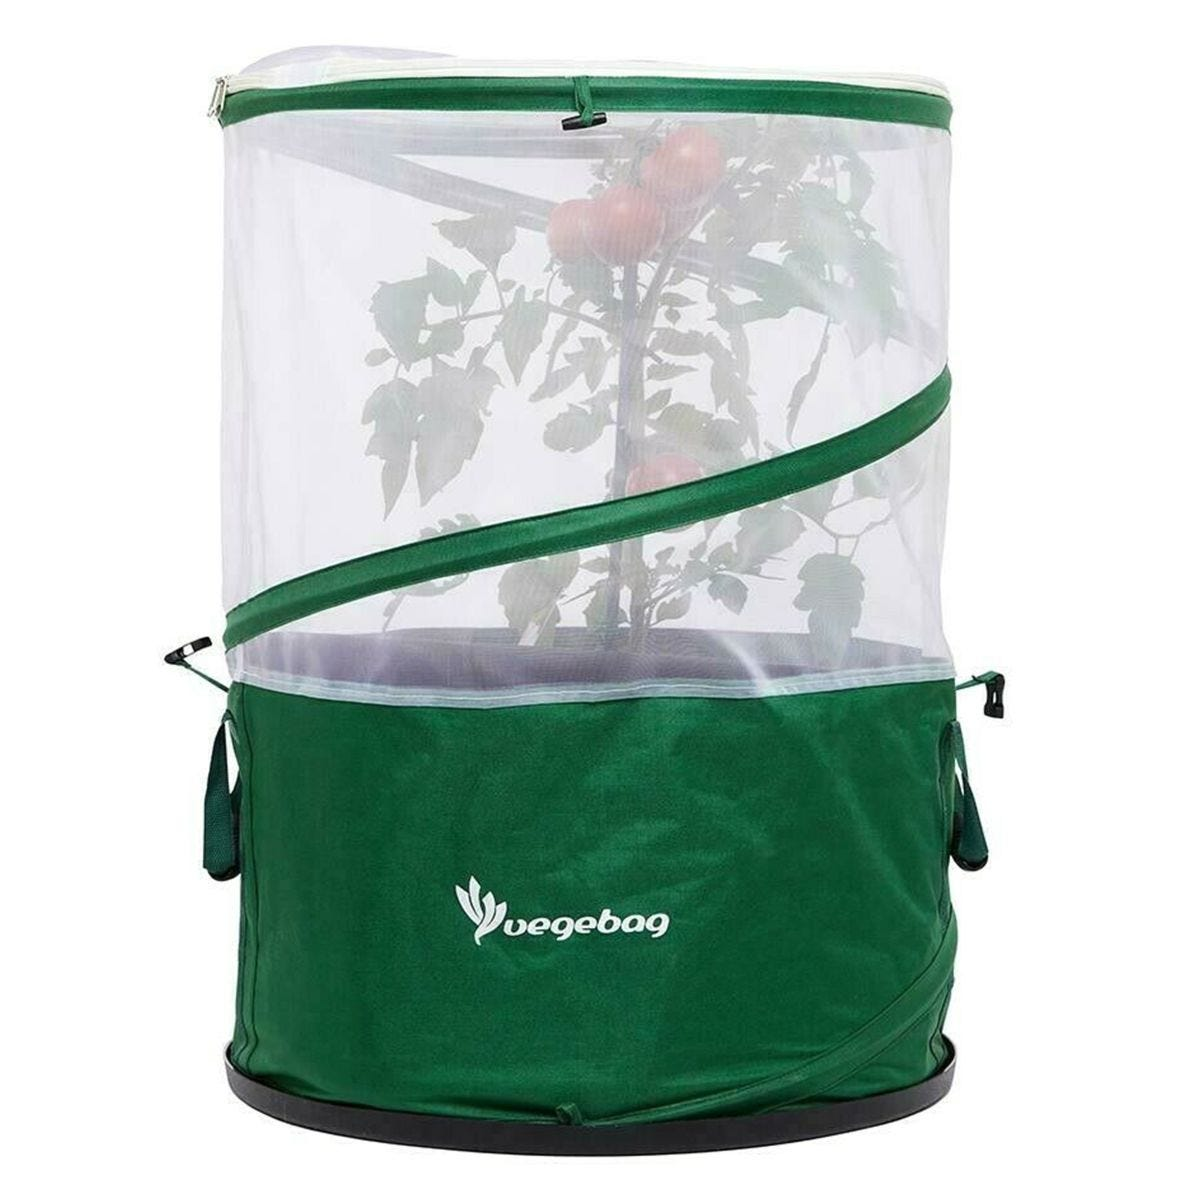 Vegepod 6L Vegebag - Large